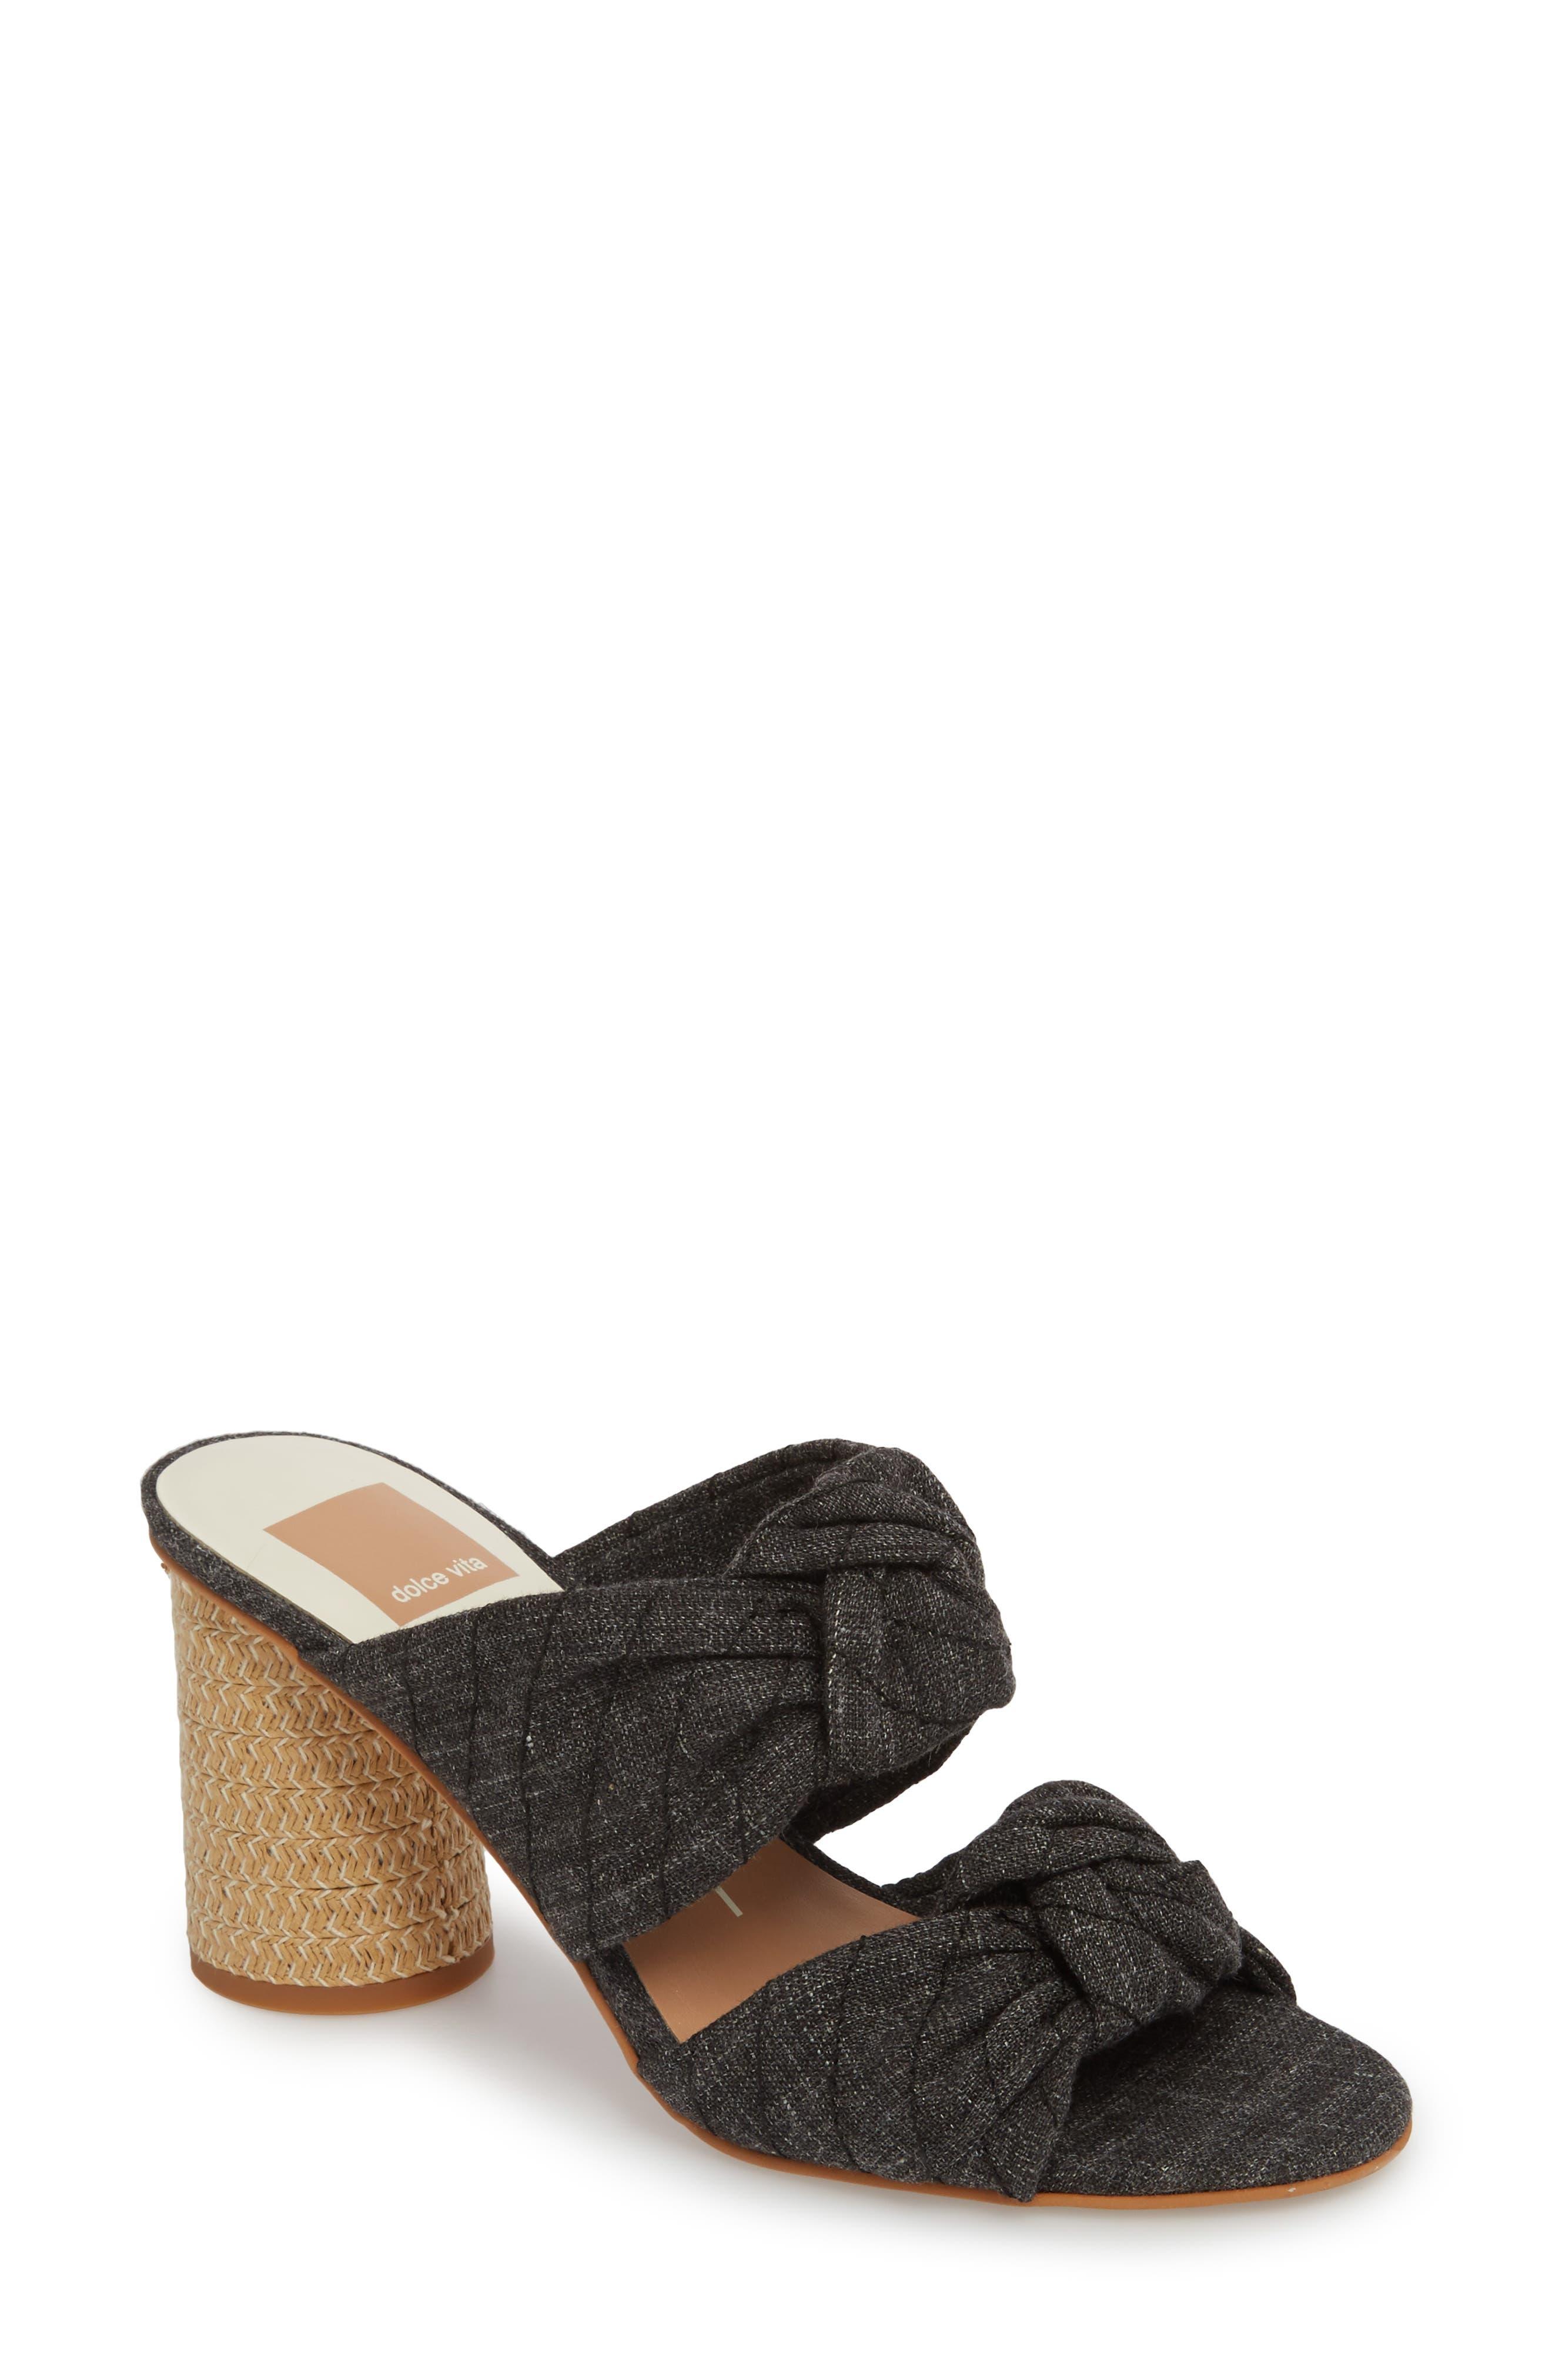 Jene Double Knot Sandal,                             Main thumbnail 1, color,